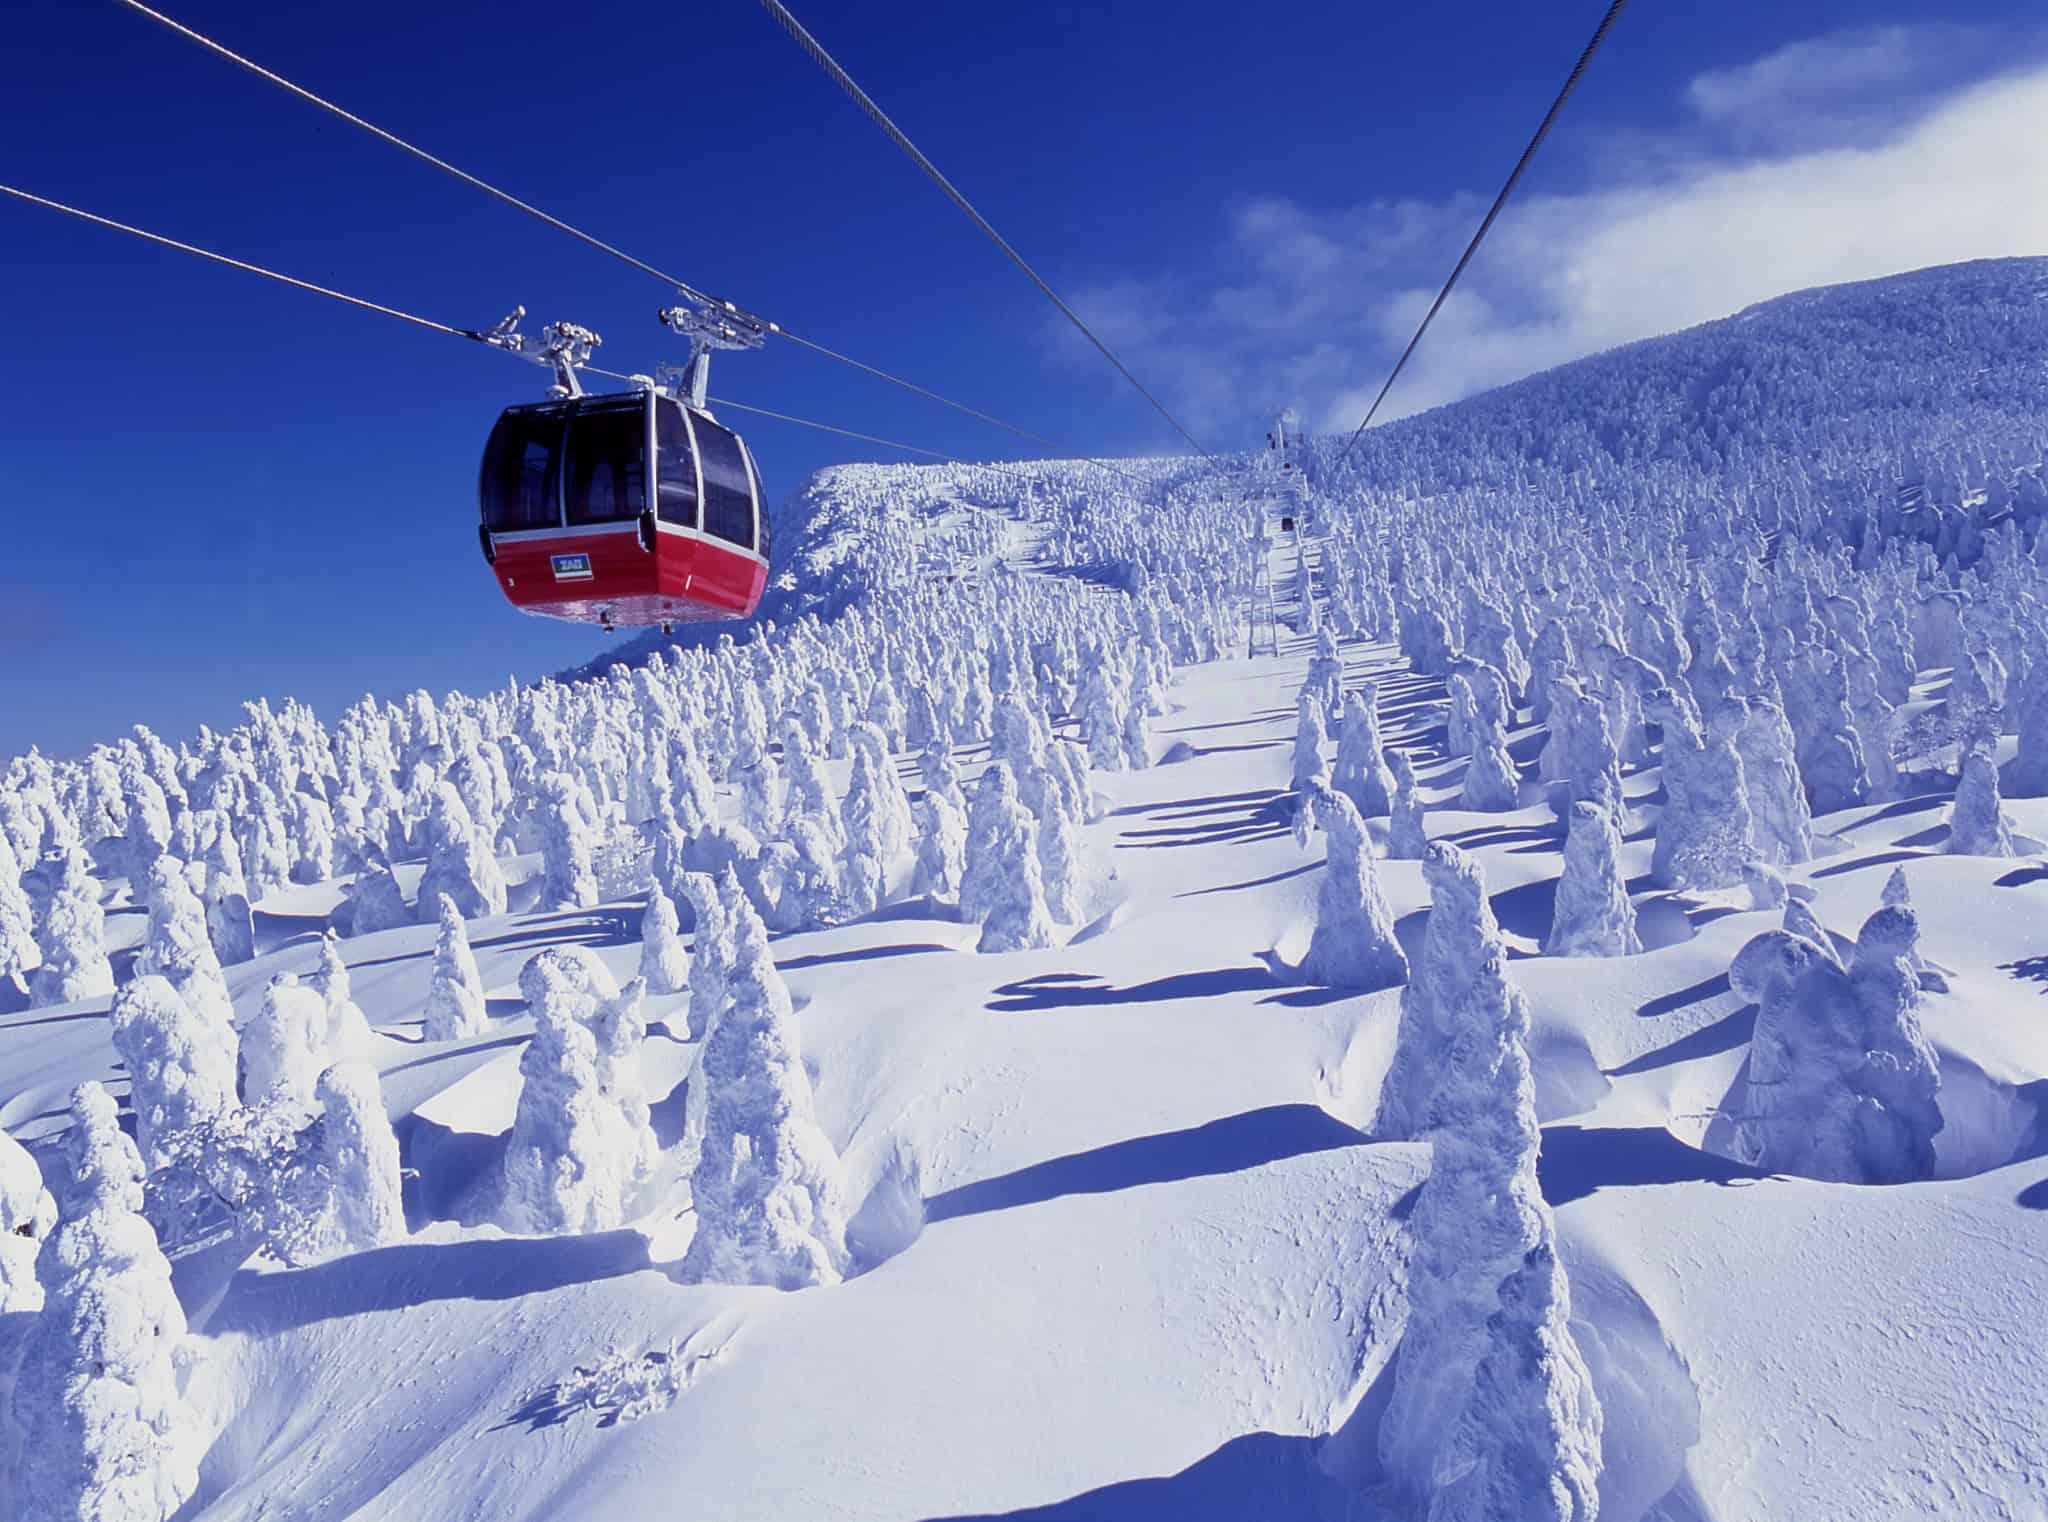 ภูเขาซาโอะ (Mt. Zao) โทโฮคุ ฤดูหนาว